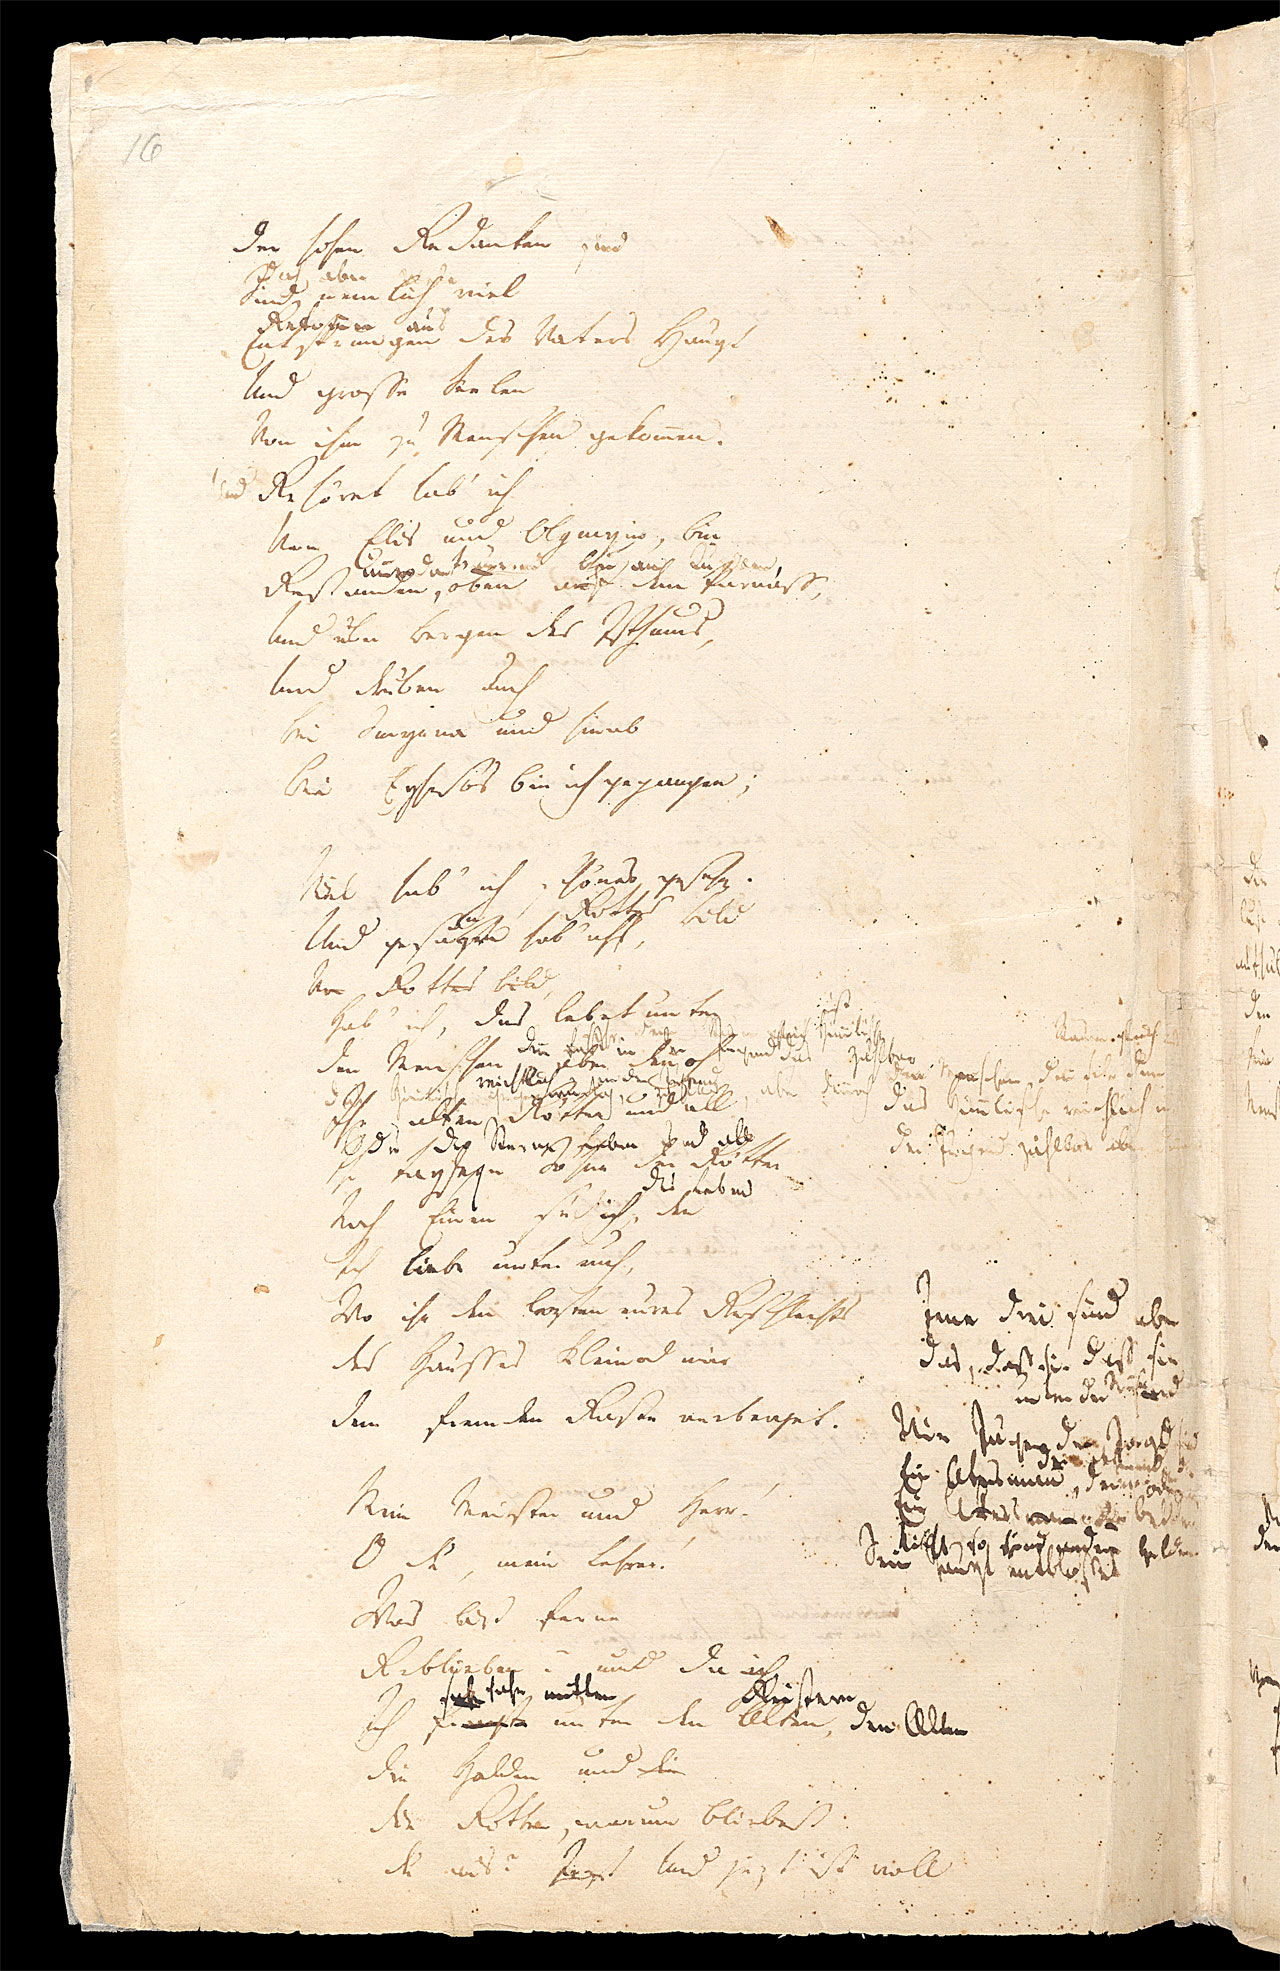 Friedrich Hölderlin, Homburger Folioheft, Seite 16, Der Einzige, Handschrift